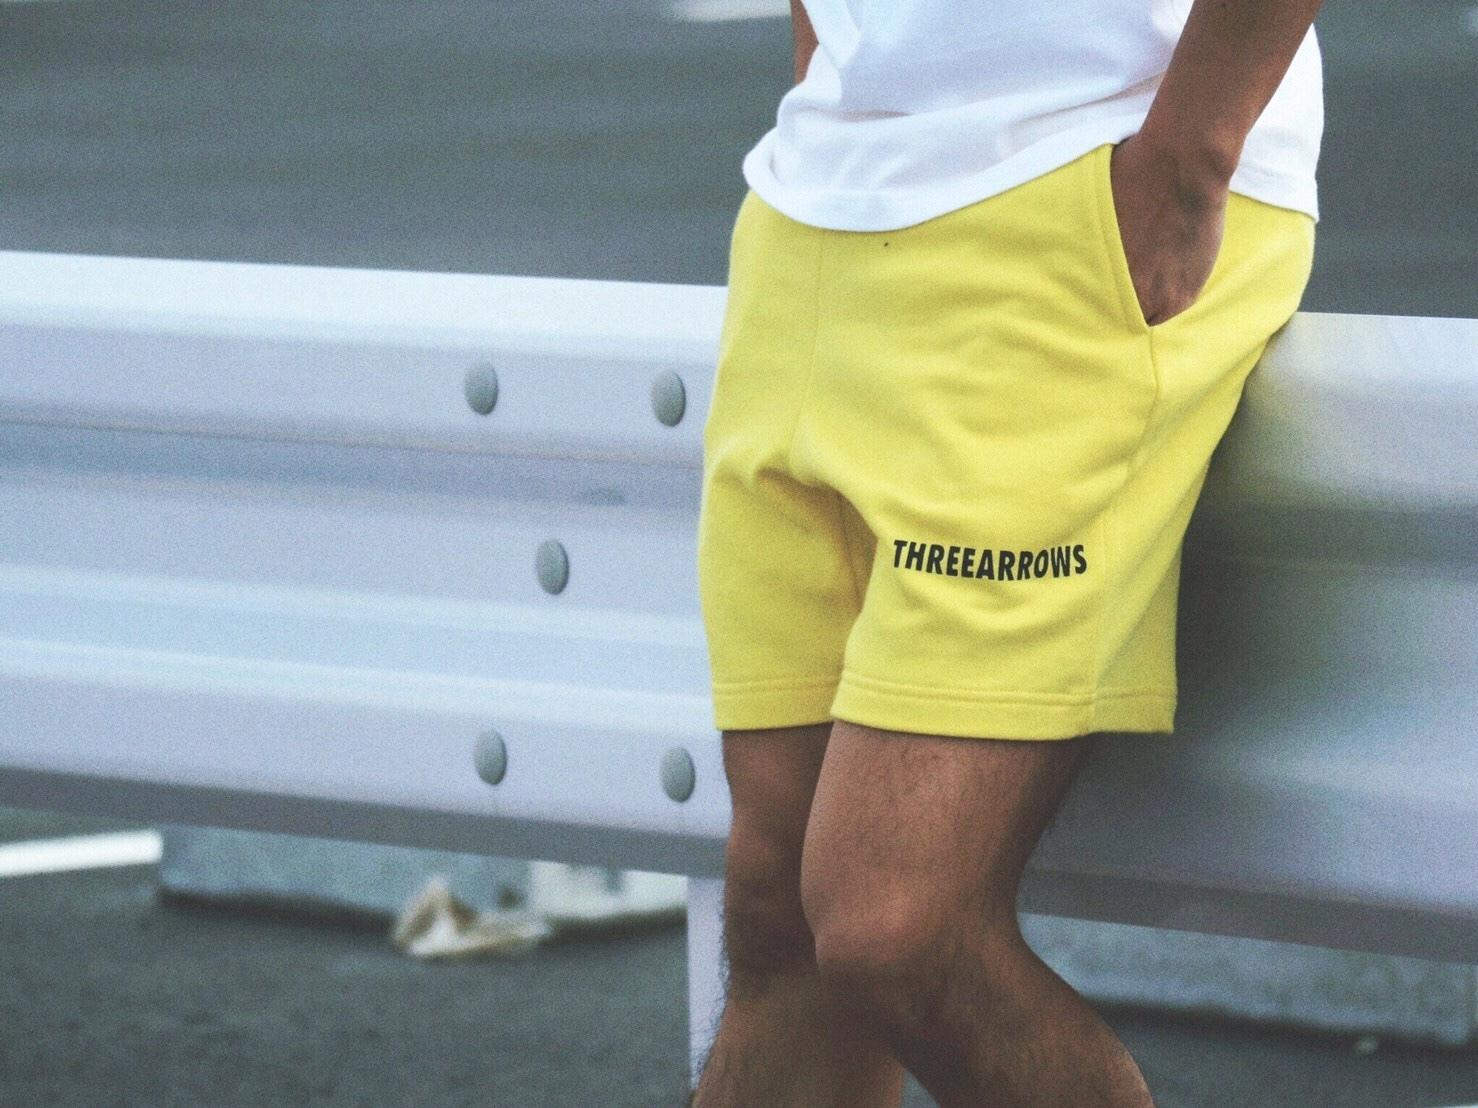 THREEARROWS スウェットパンツ(yellow)